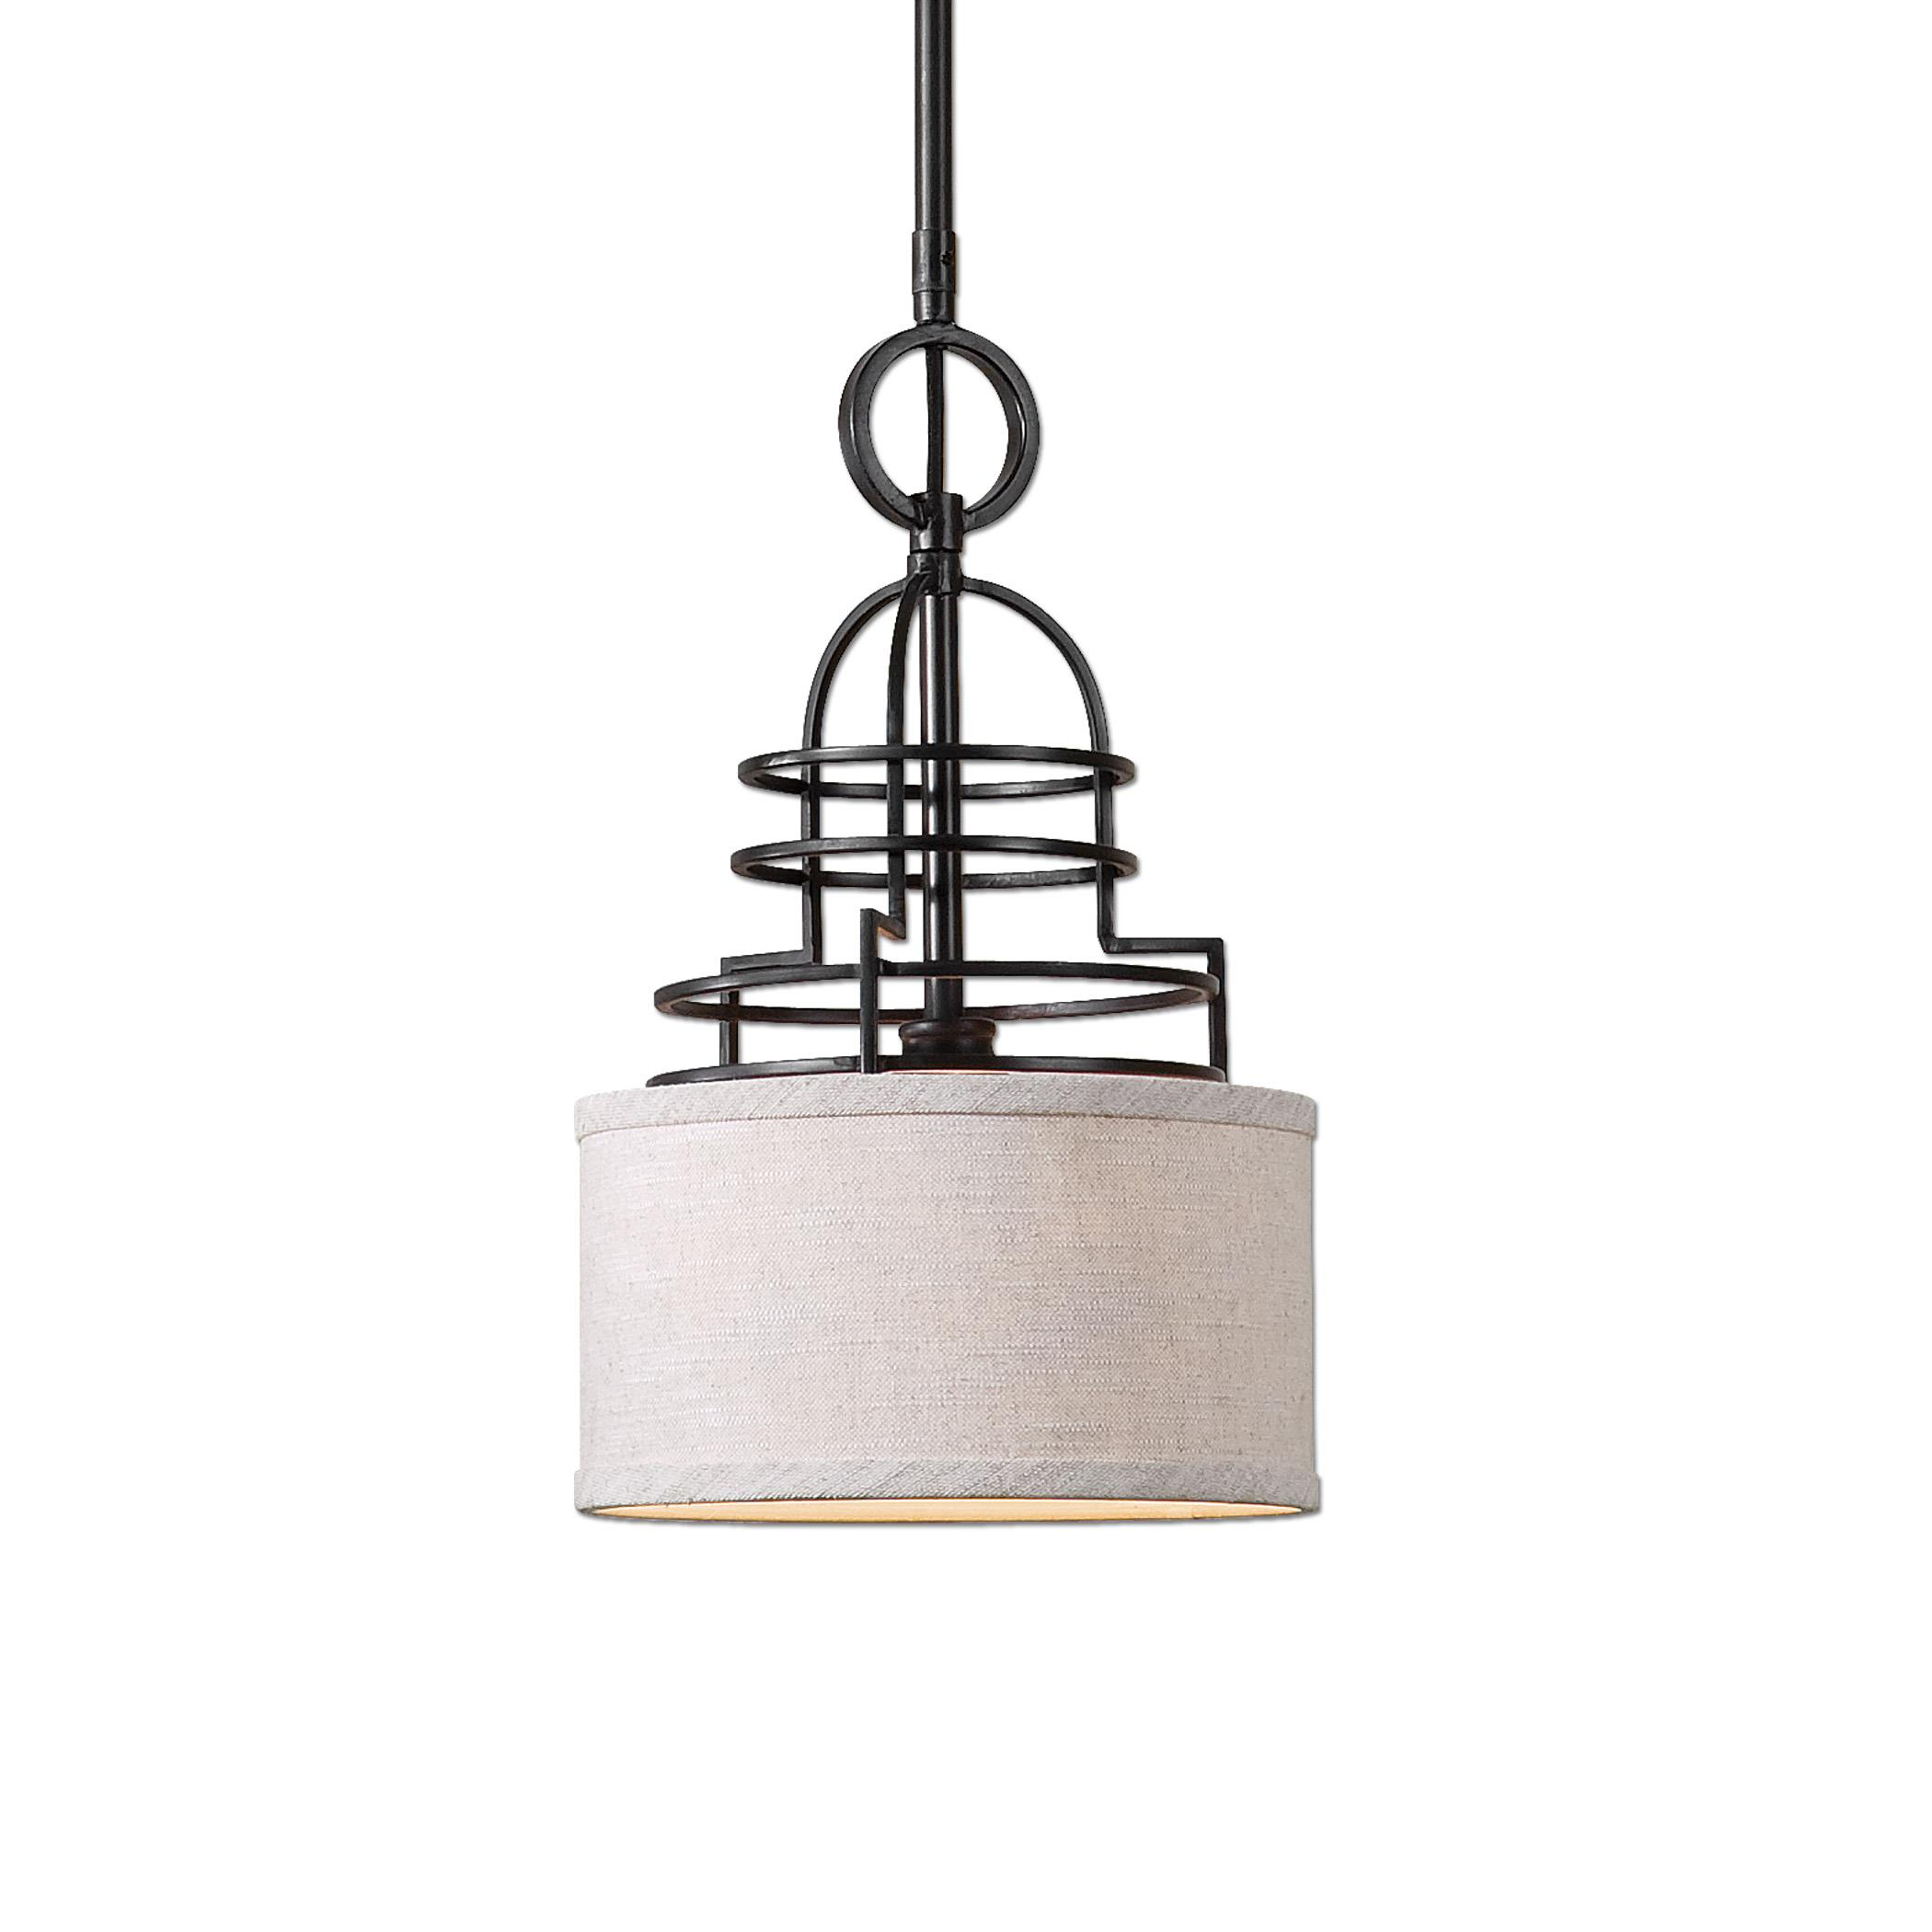 Uttermost Lighting Fixtures Cupola 1 Light Mini Drum Pendant - Item Number: 22054